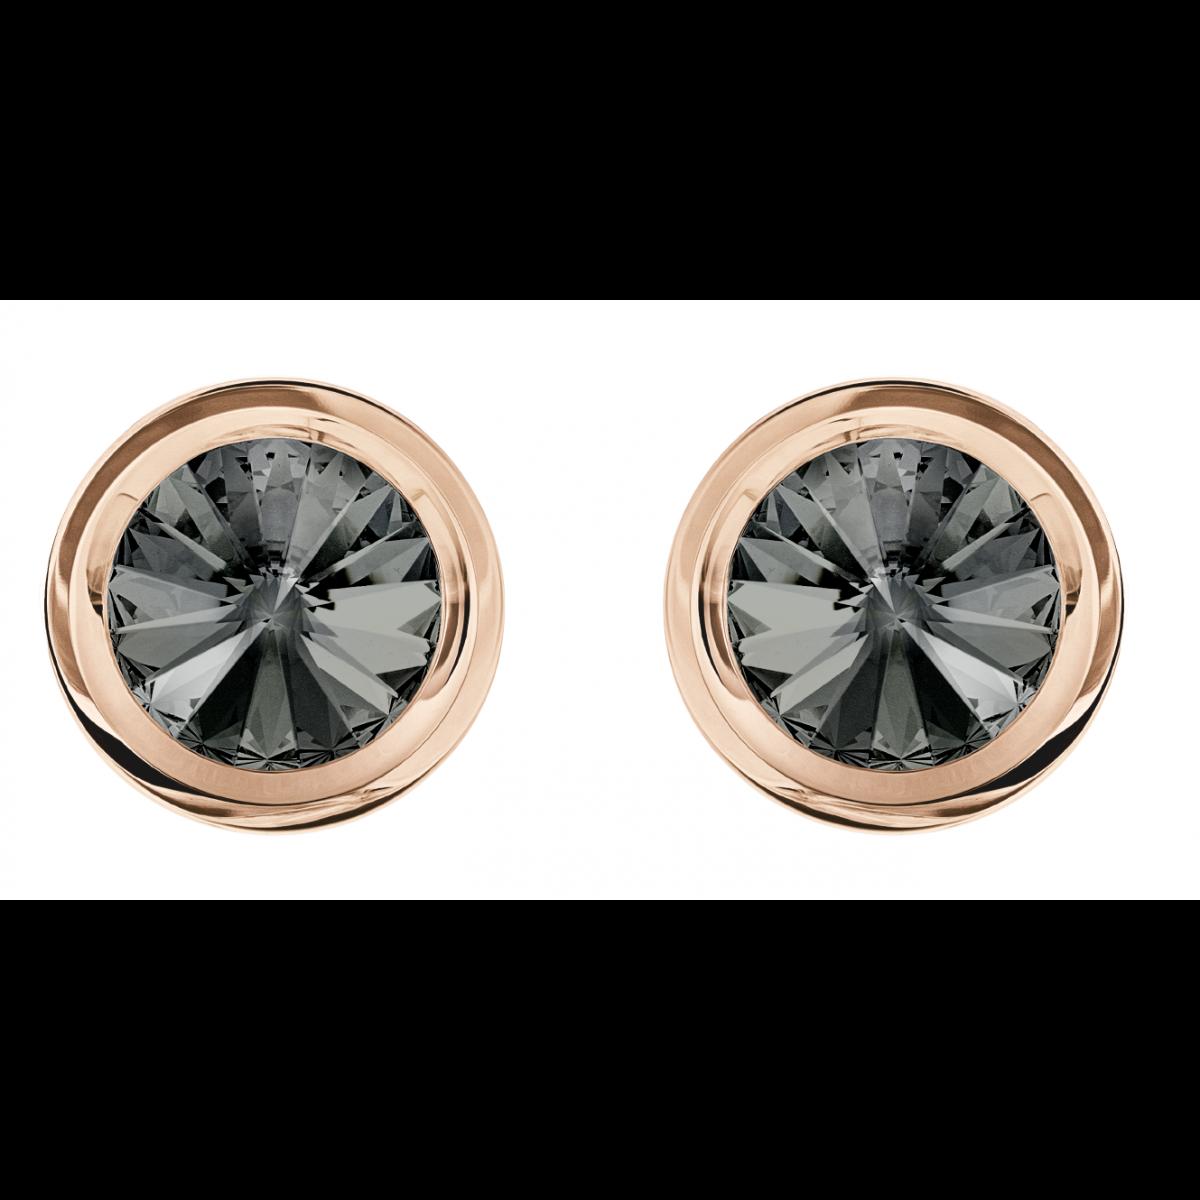 Boutons de manchette Swarovski 5429900 - Round Gris Métal Doré Rose Homme